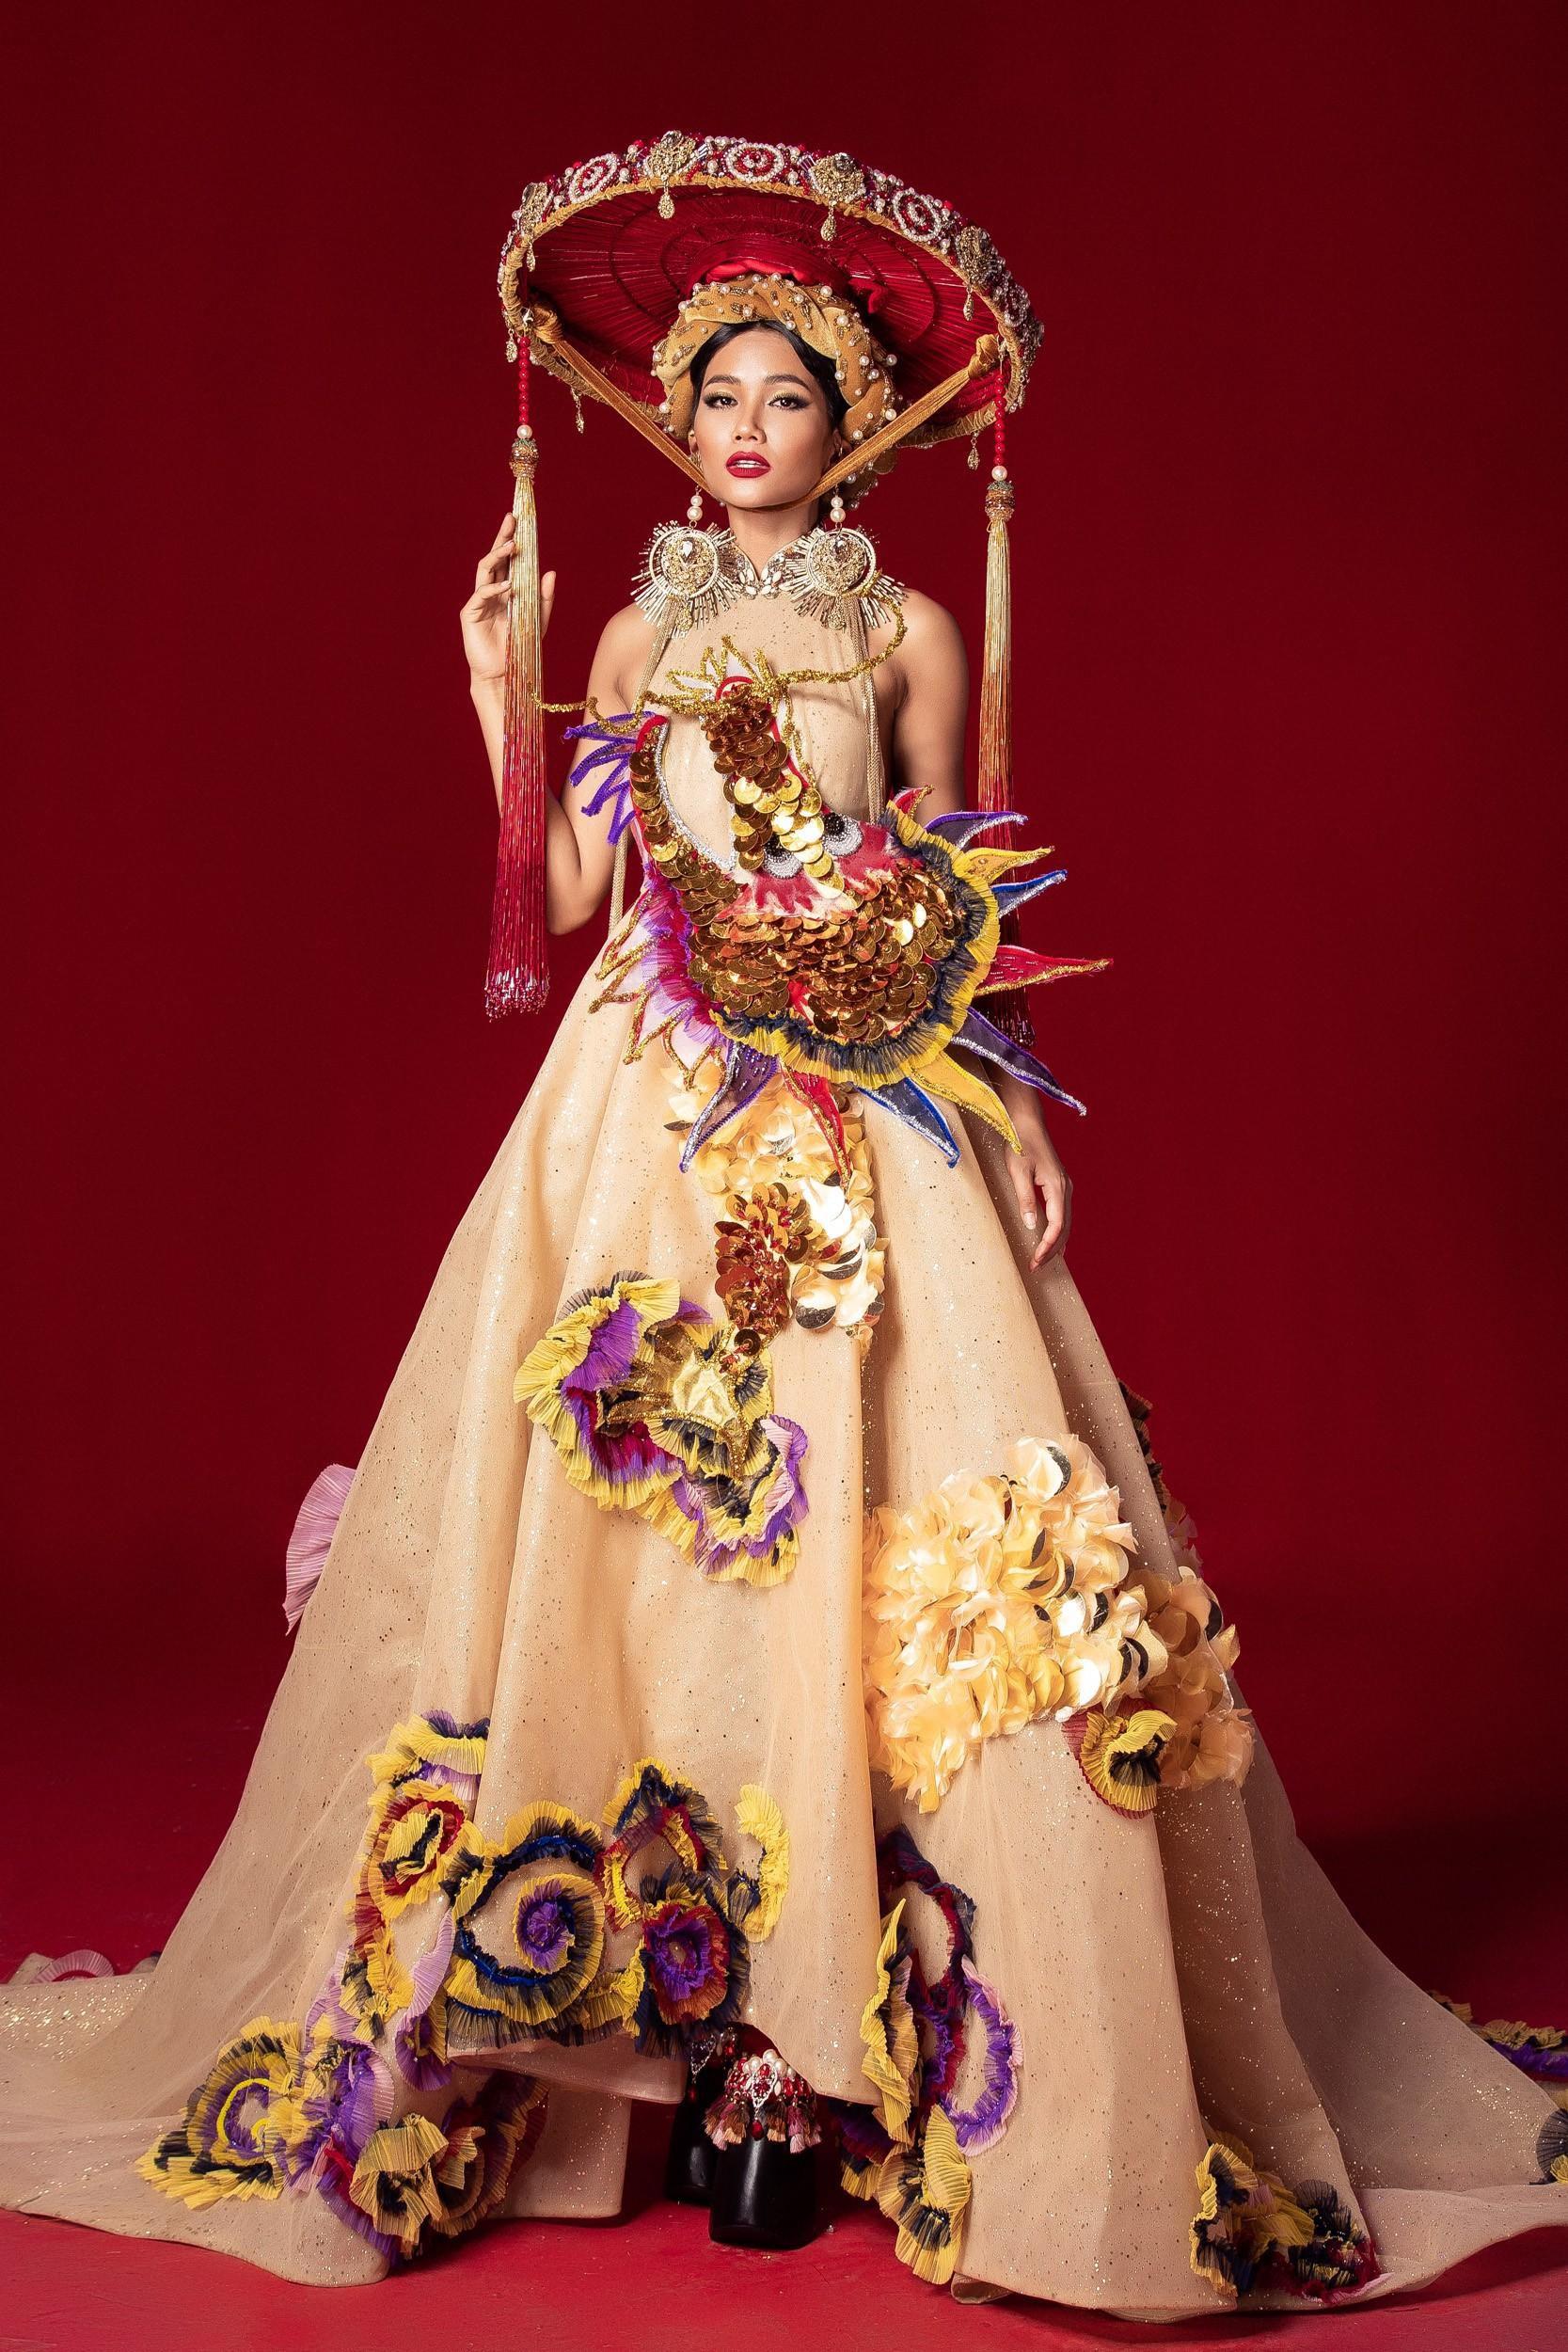 Chủ nhân National Costume Nàng Mây thiết kế váy tàu điện Metro cho Khánh Vân: Cổng trường cũng thành trang phục cực chất Ảnh 9